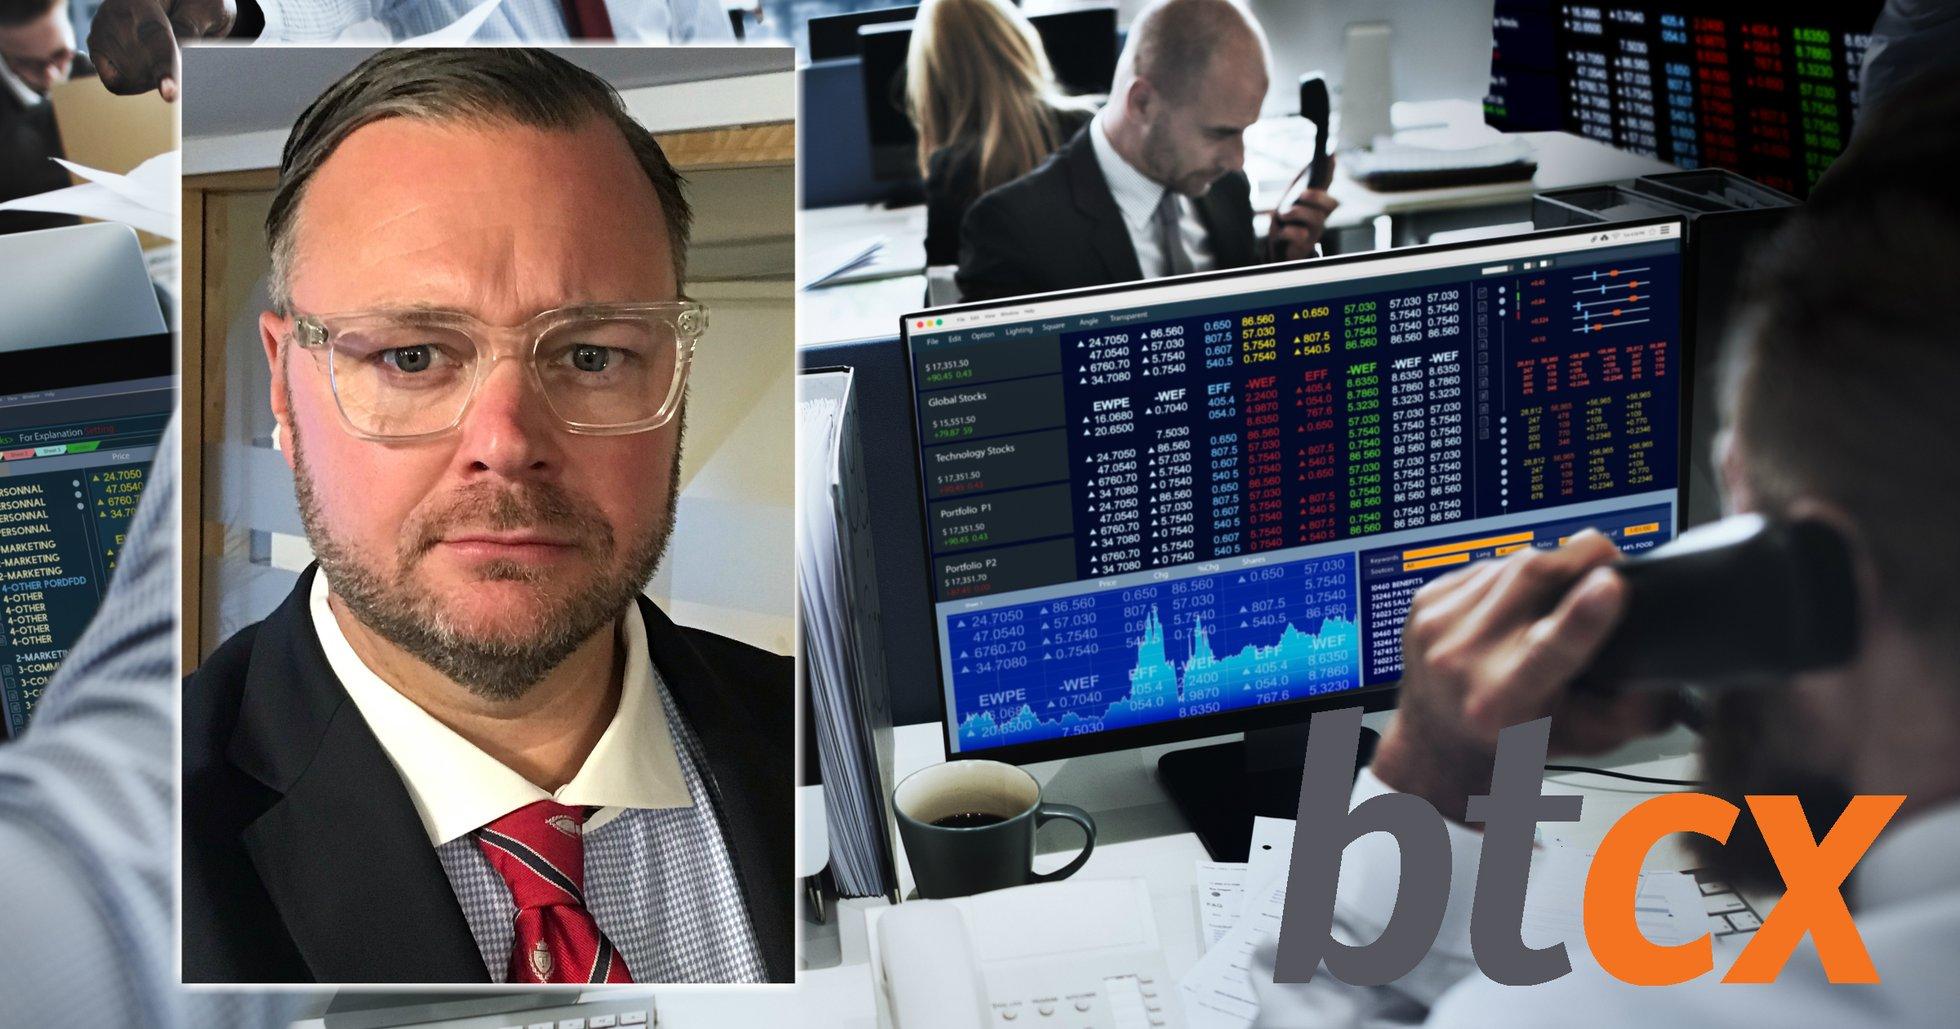 Svenska kryptoväxlaren BTCX på väg till börsen.